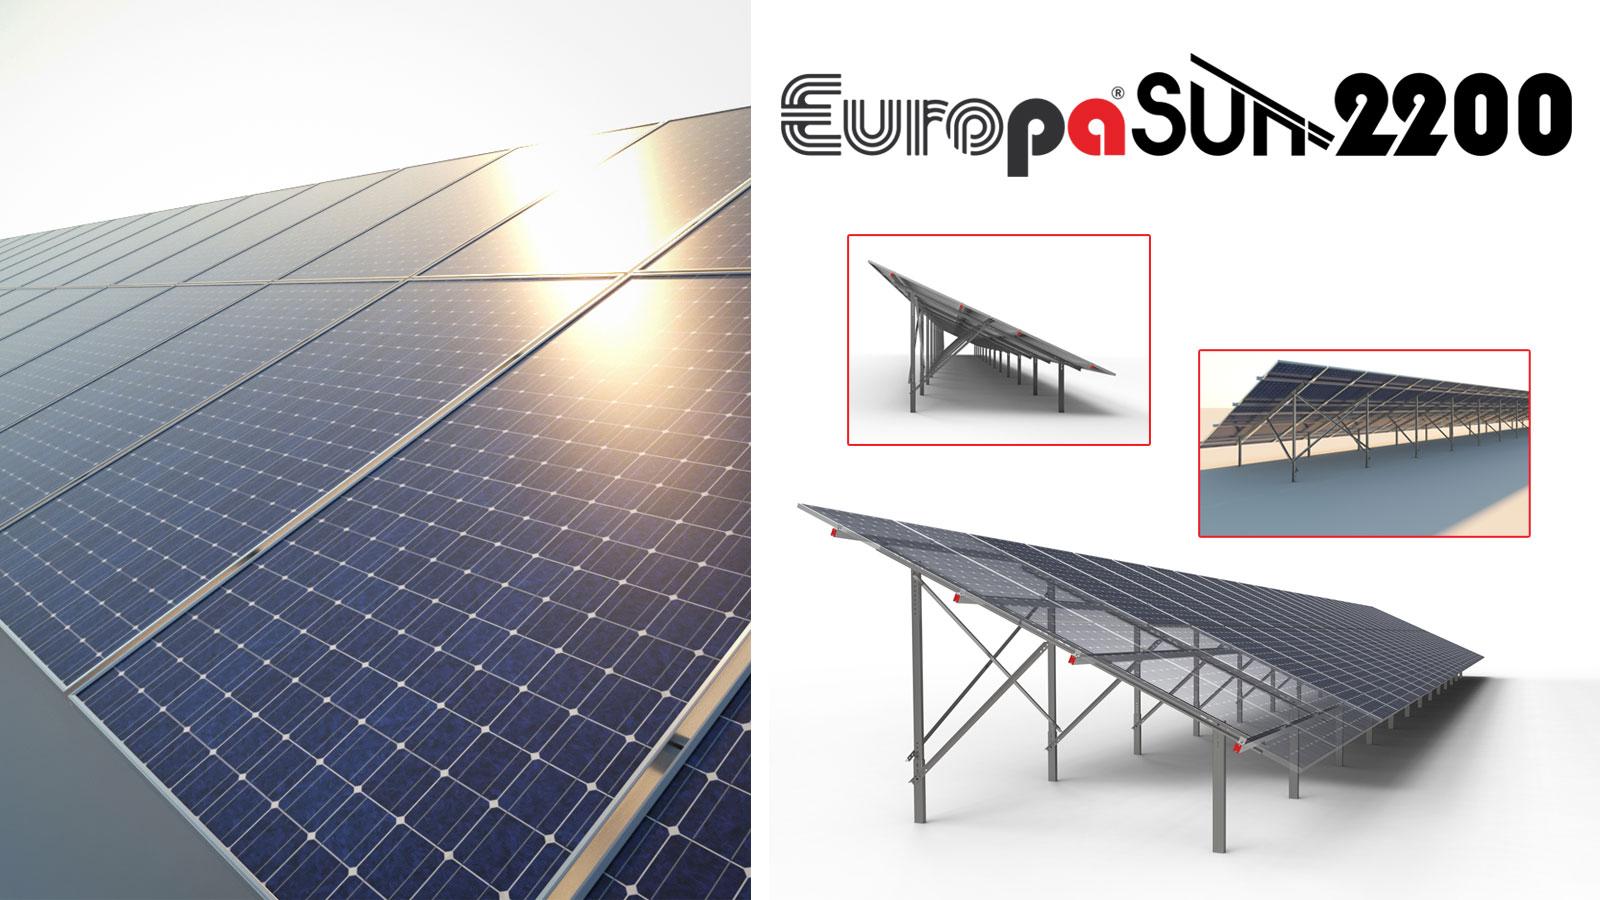 EUROPA Sun 2200